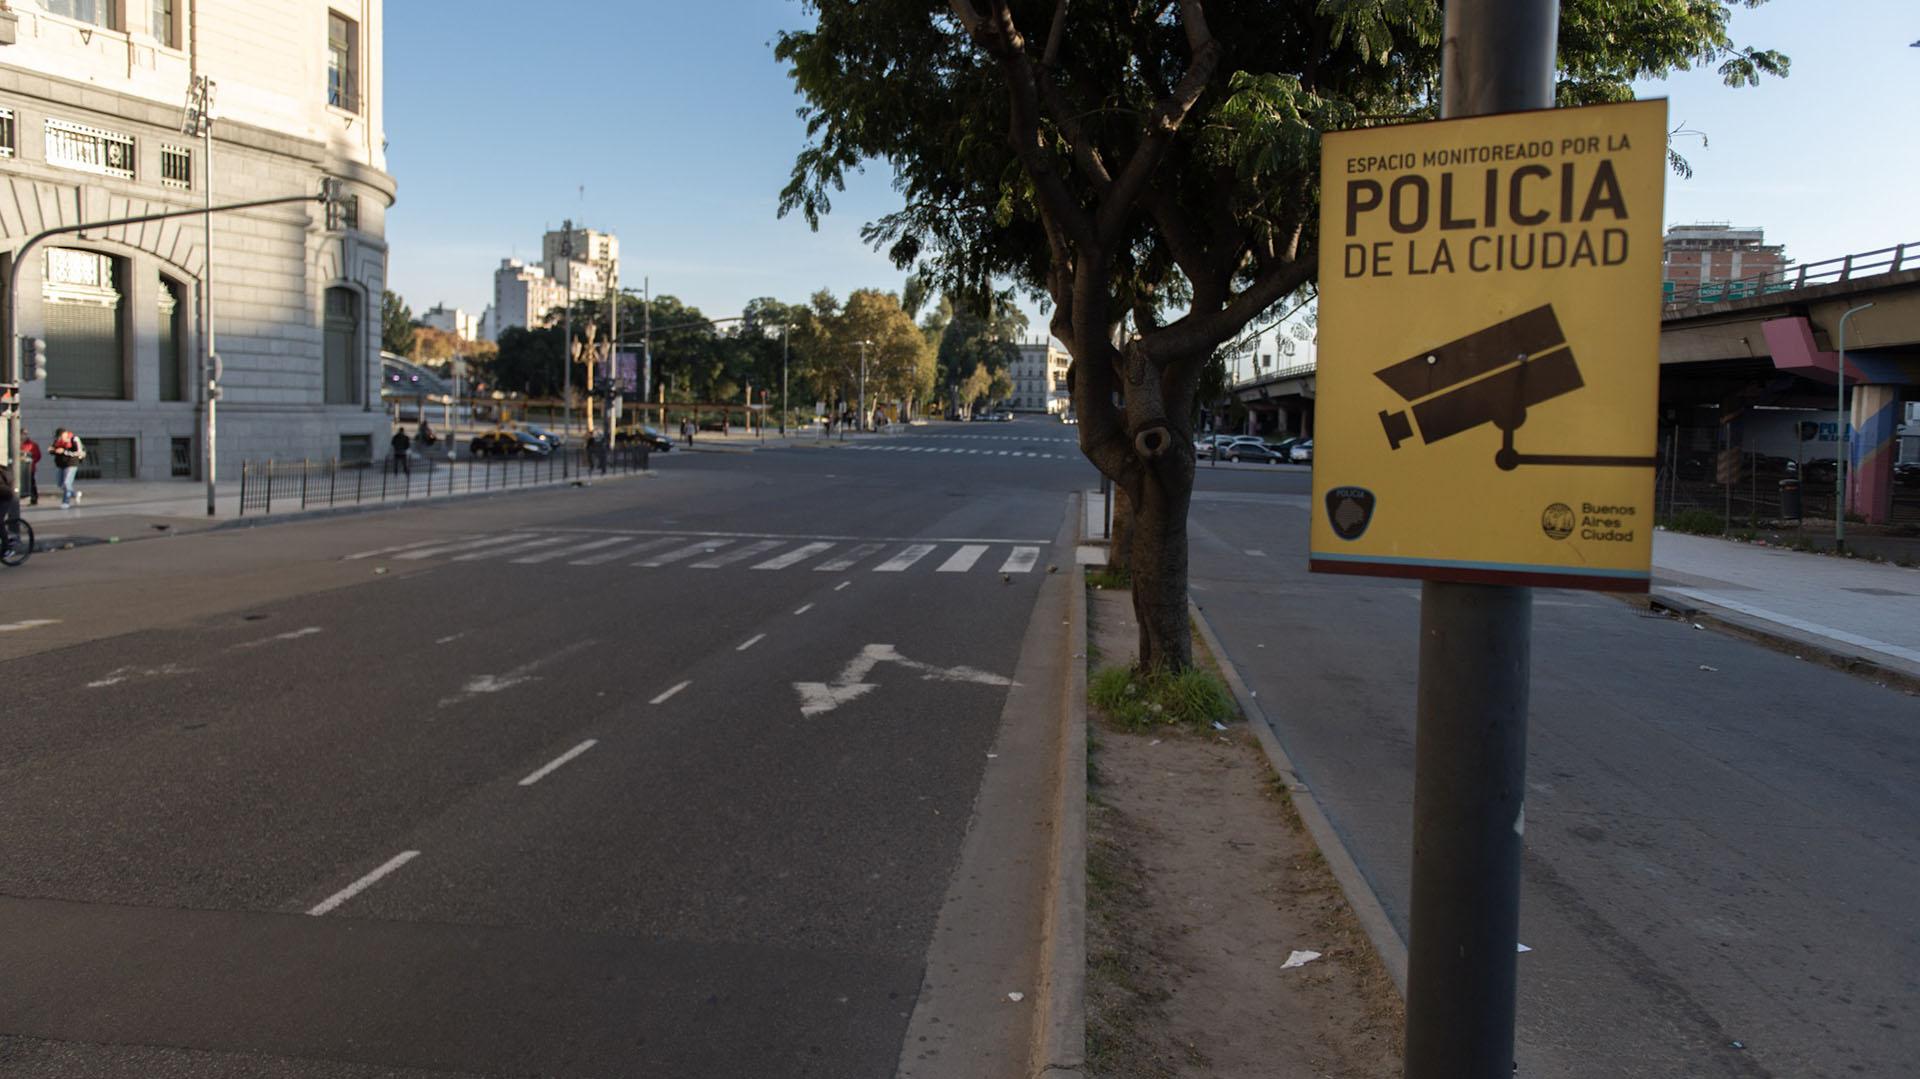 El gobierno de Cambiemos afronta su quinto paro general de 24 horas